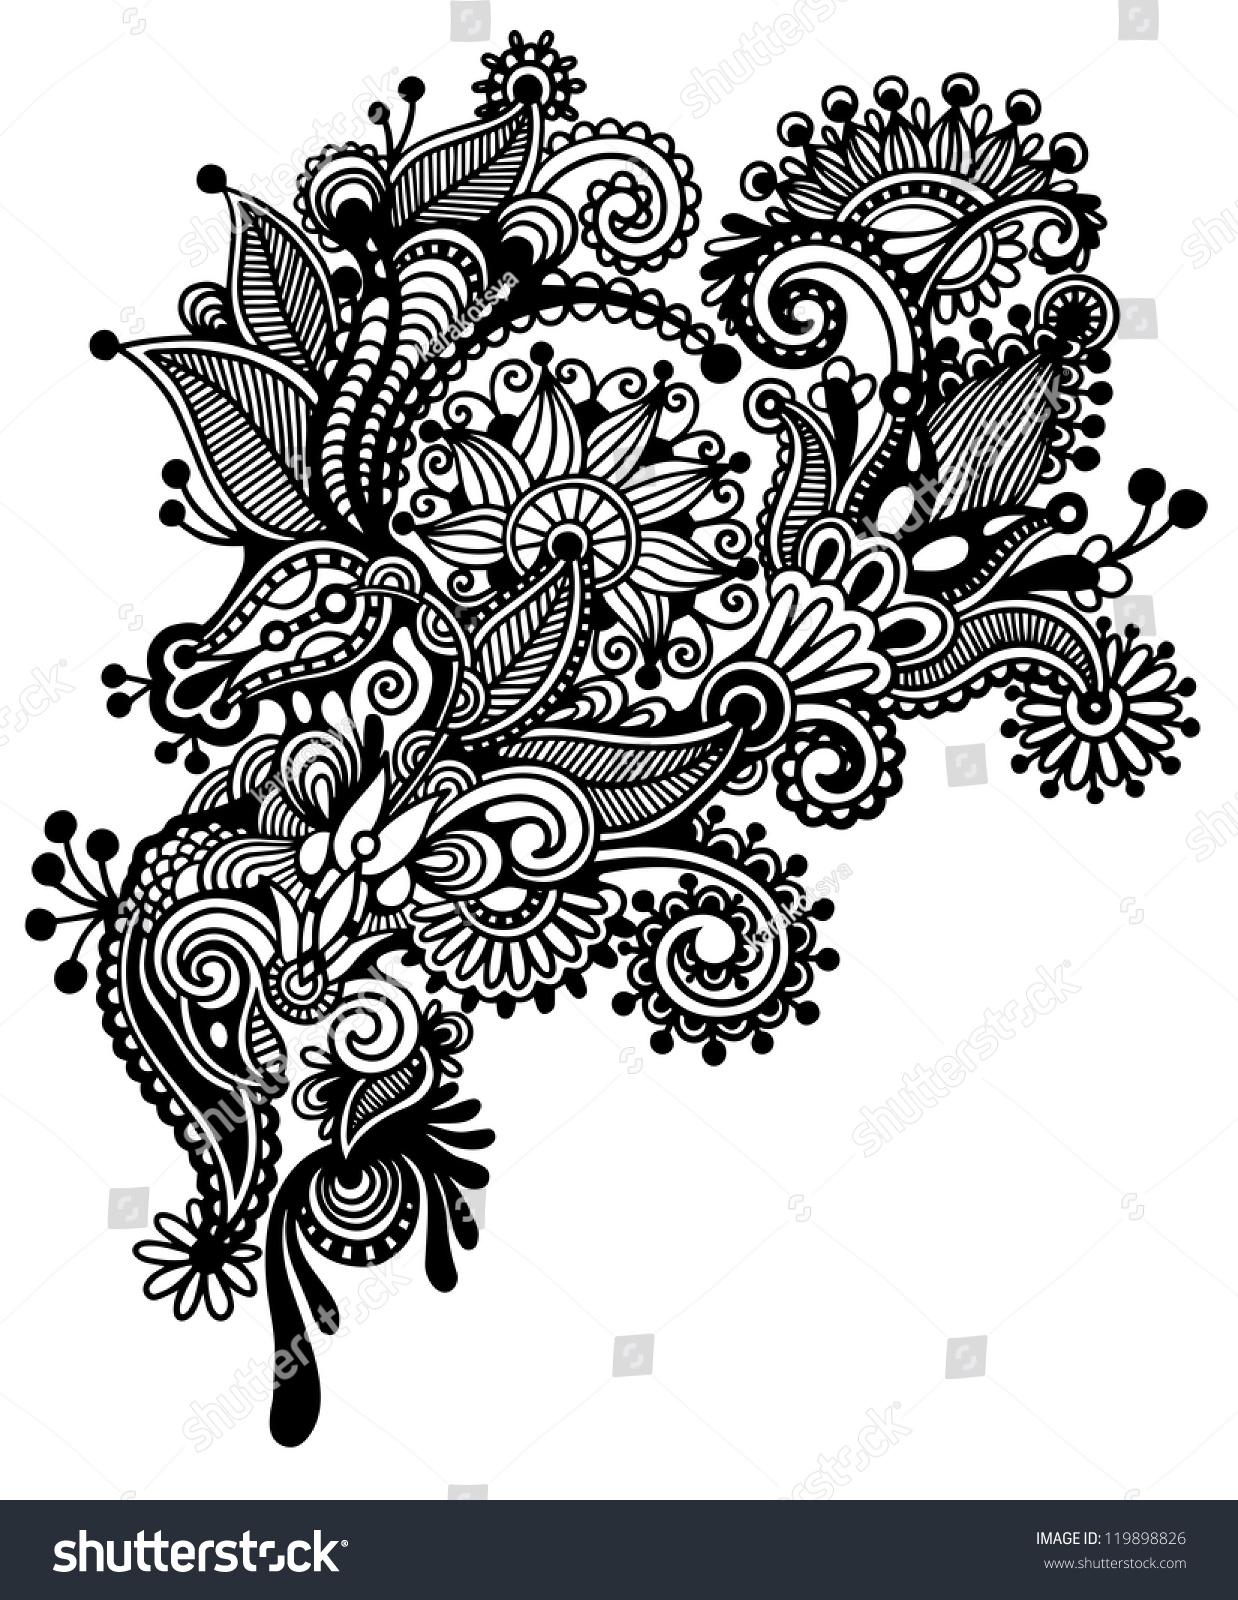 Hand Draw Black White Line Art Stock Illustration 119898826